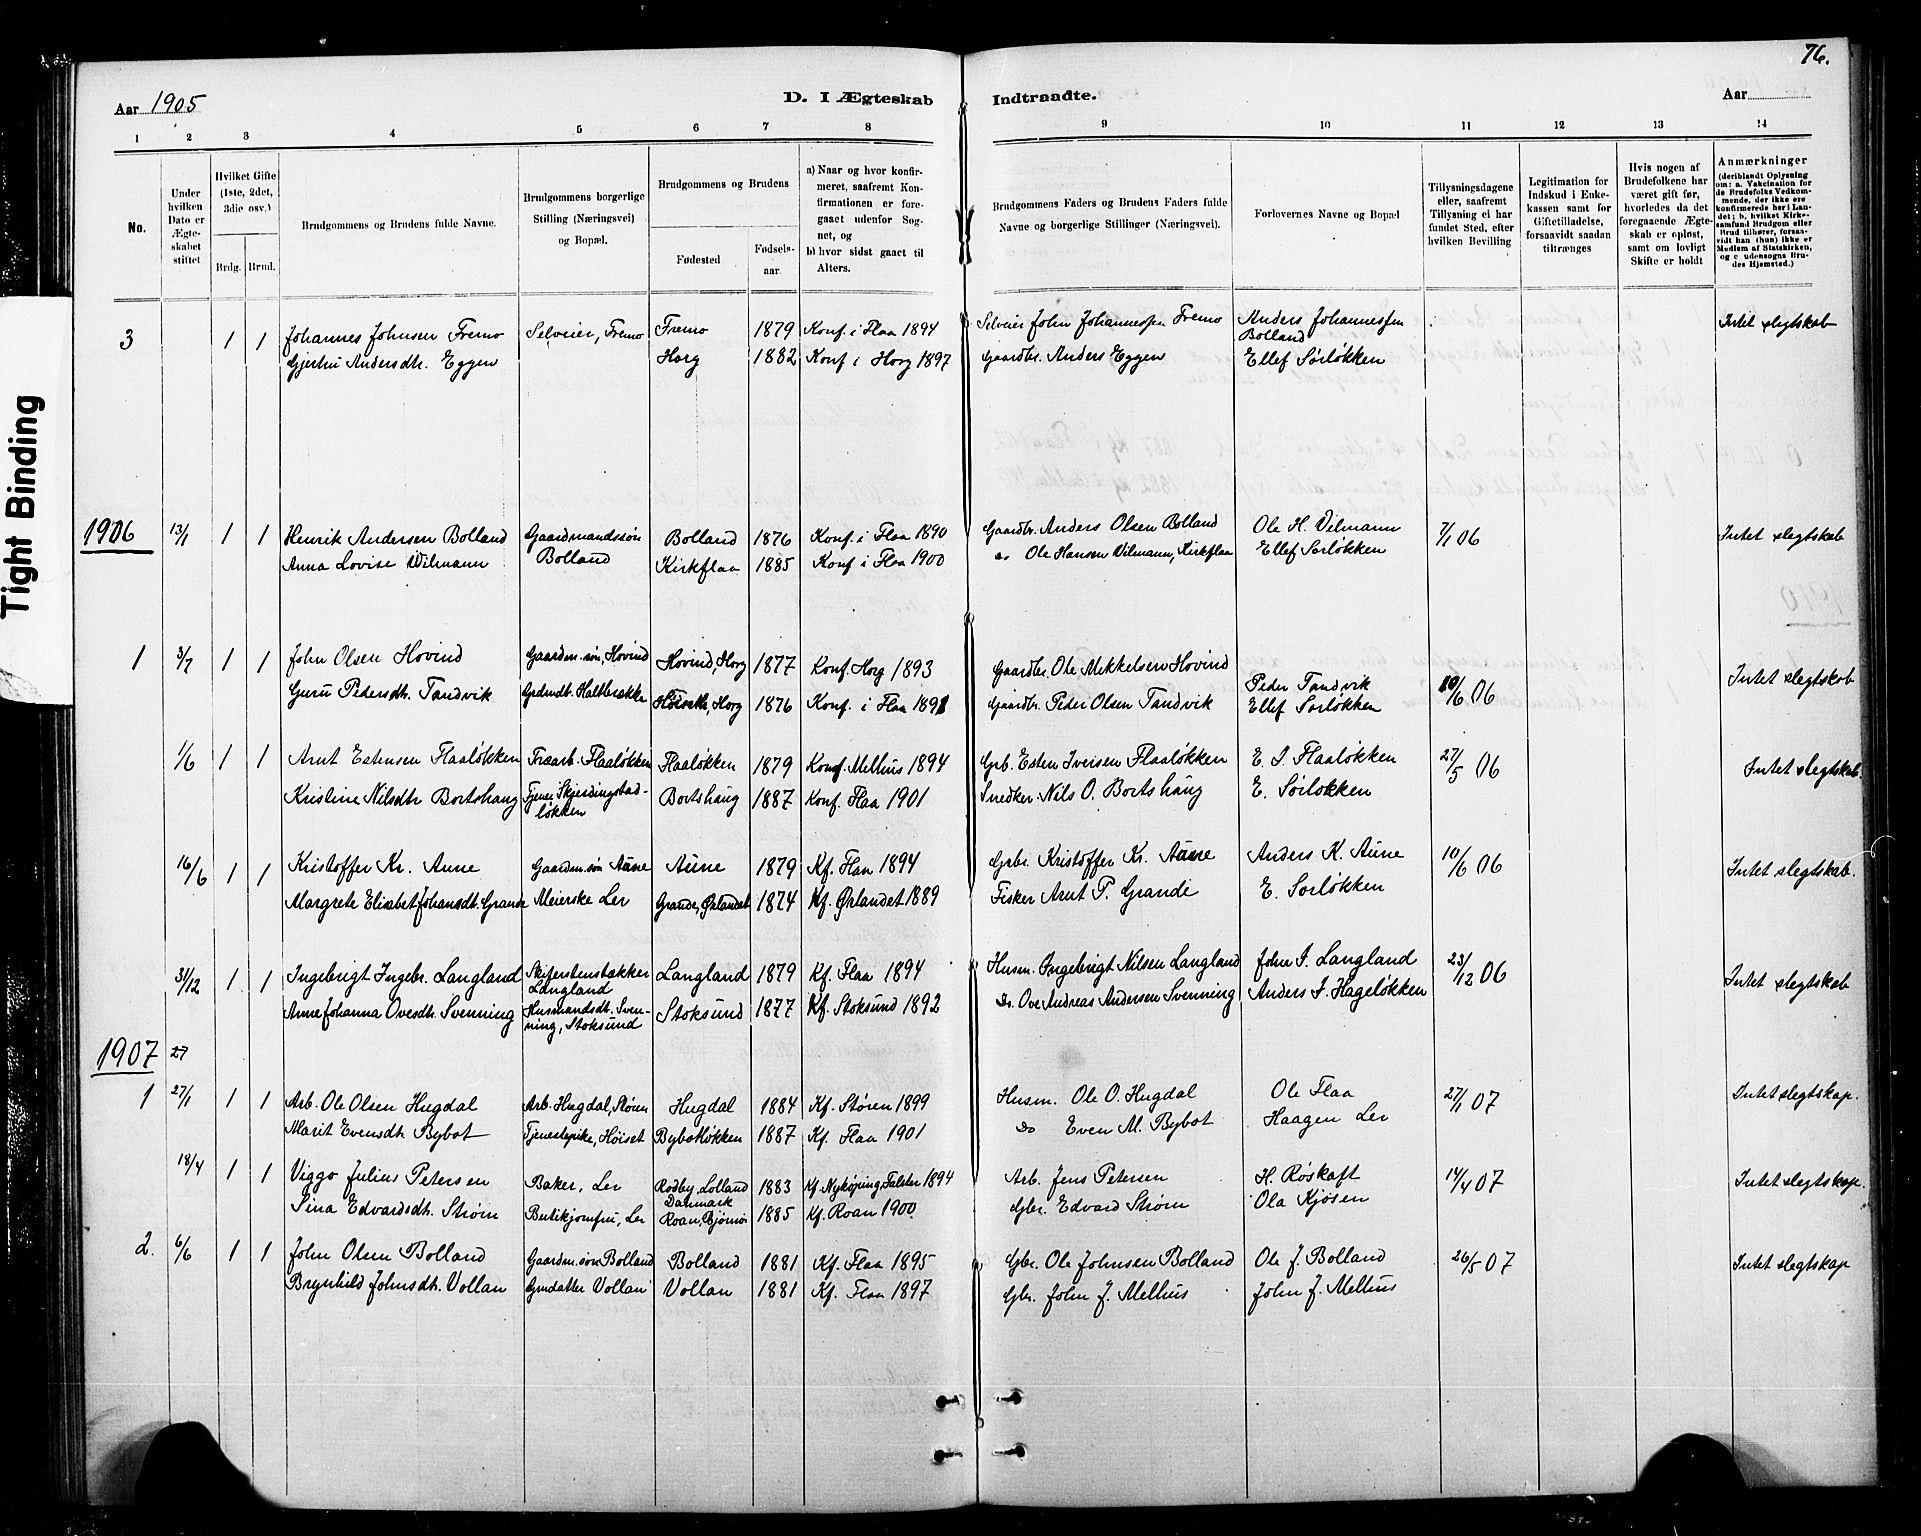 SAT, Ministerialprotokoller, klokkerbøker og fødselsregistre - Sør-Trøndelag, 693/L1123: Klokkerbok nr. 693C04, 1887-1910, s. 76